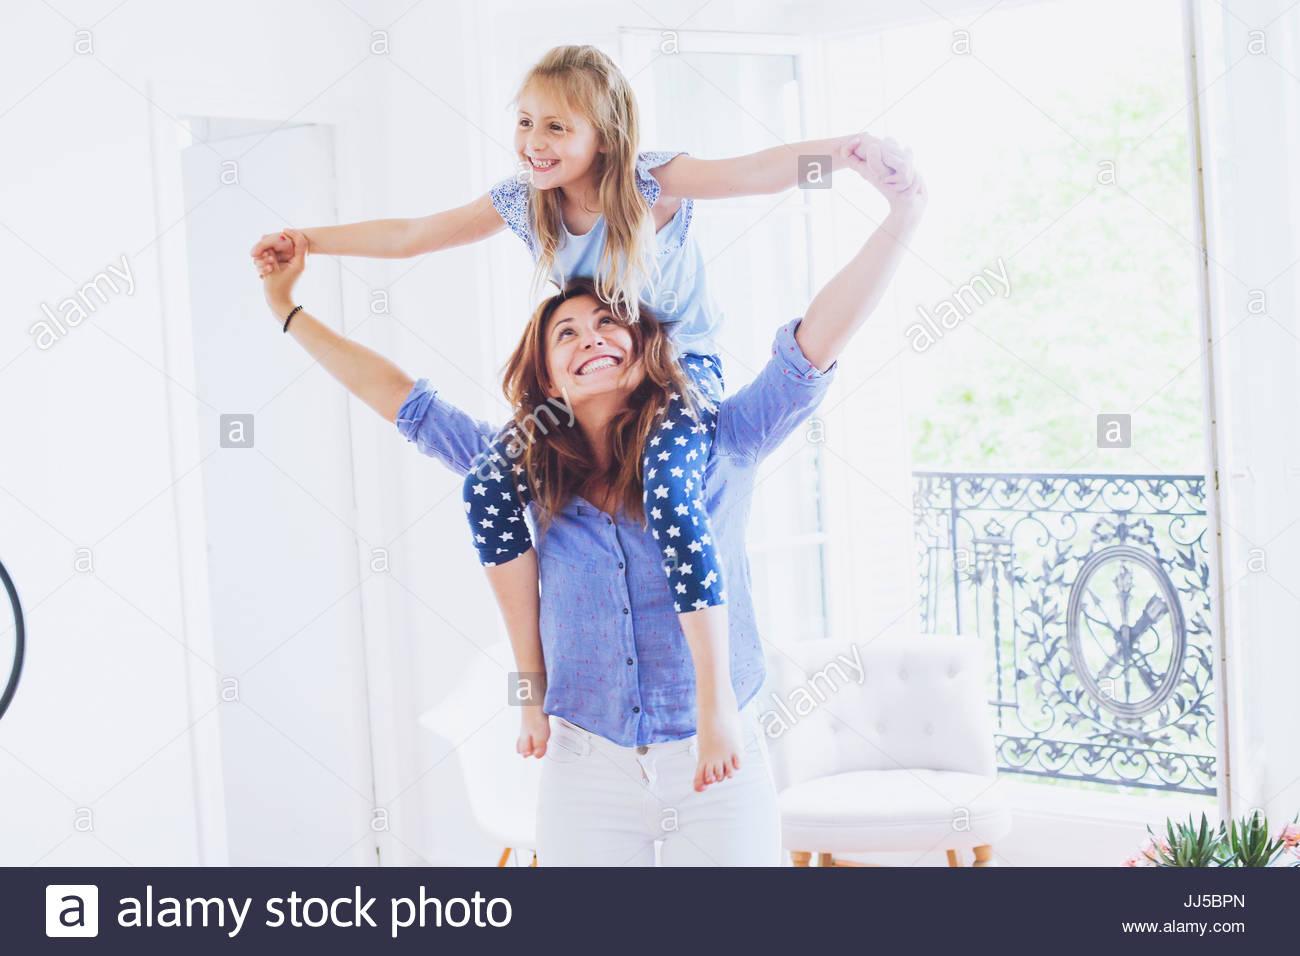 Mutter und Tochter gemeinsam Spaß zu haben, die zu Hause, lächelnd kaukasischen Familienporträt Stockbild